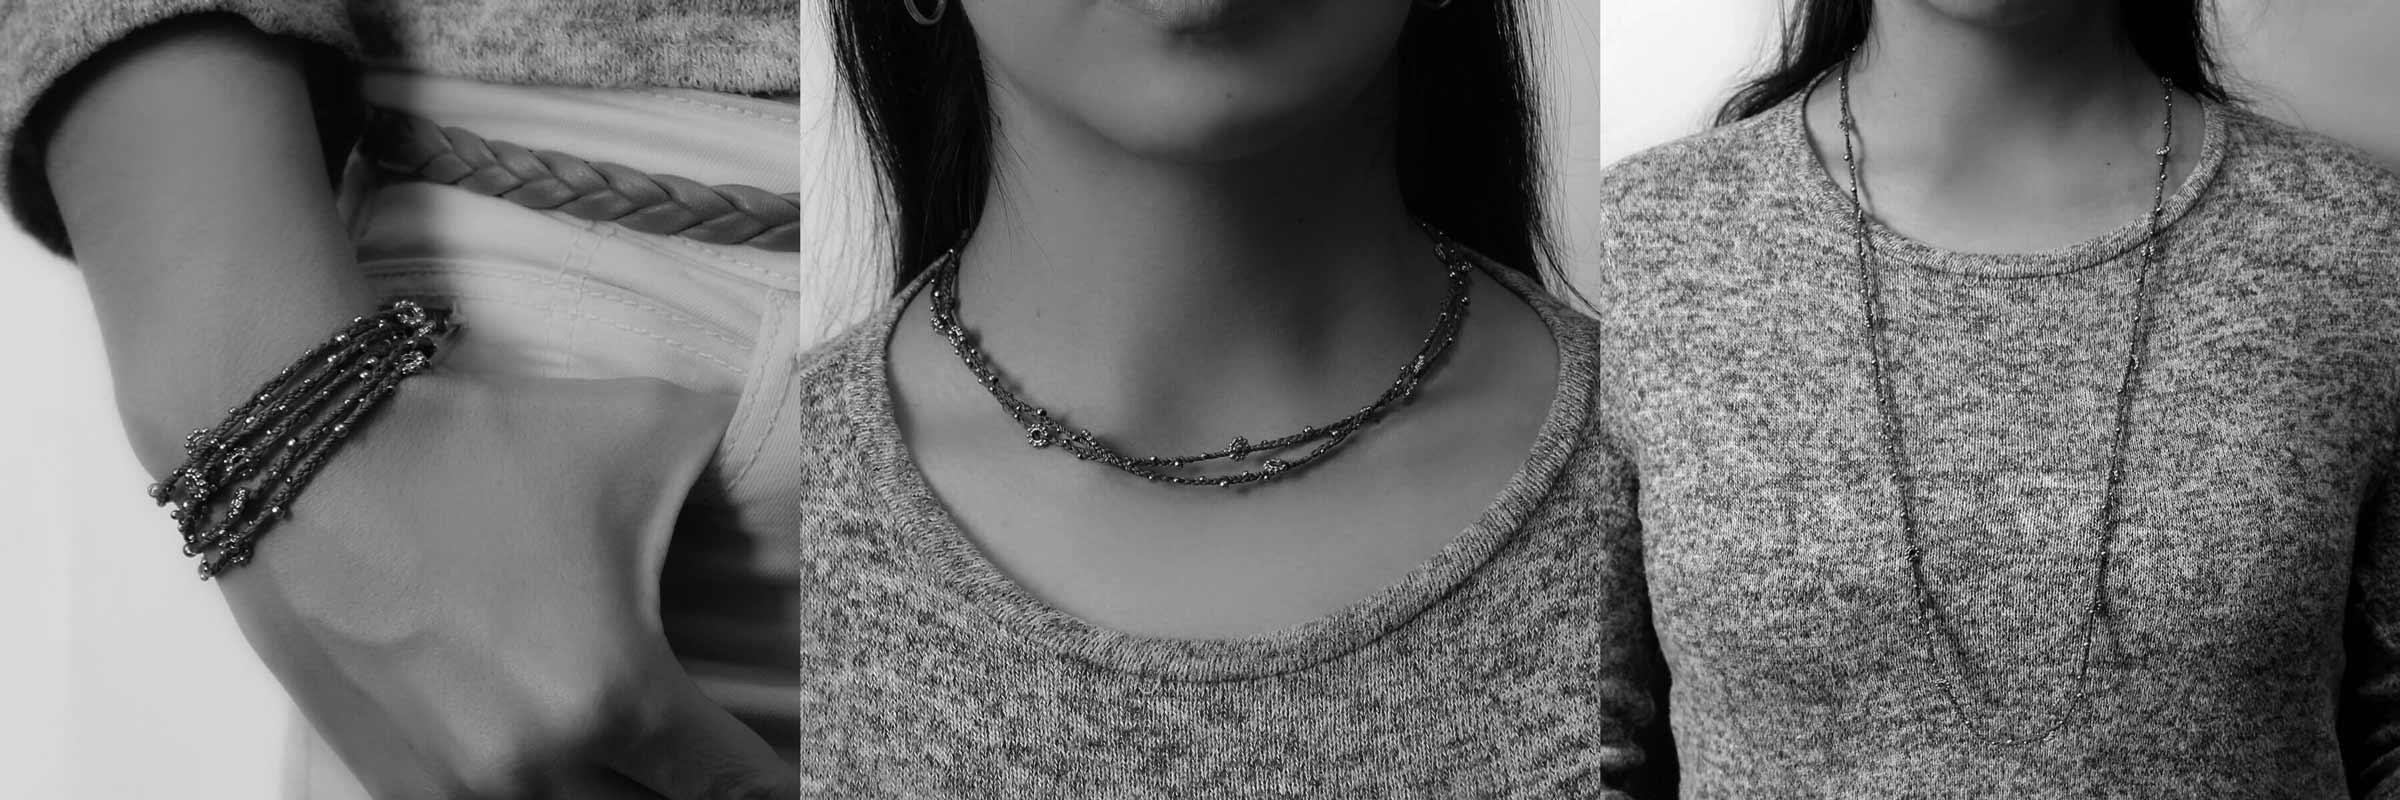 Smycket Life Is buret som halsband eller armband